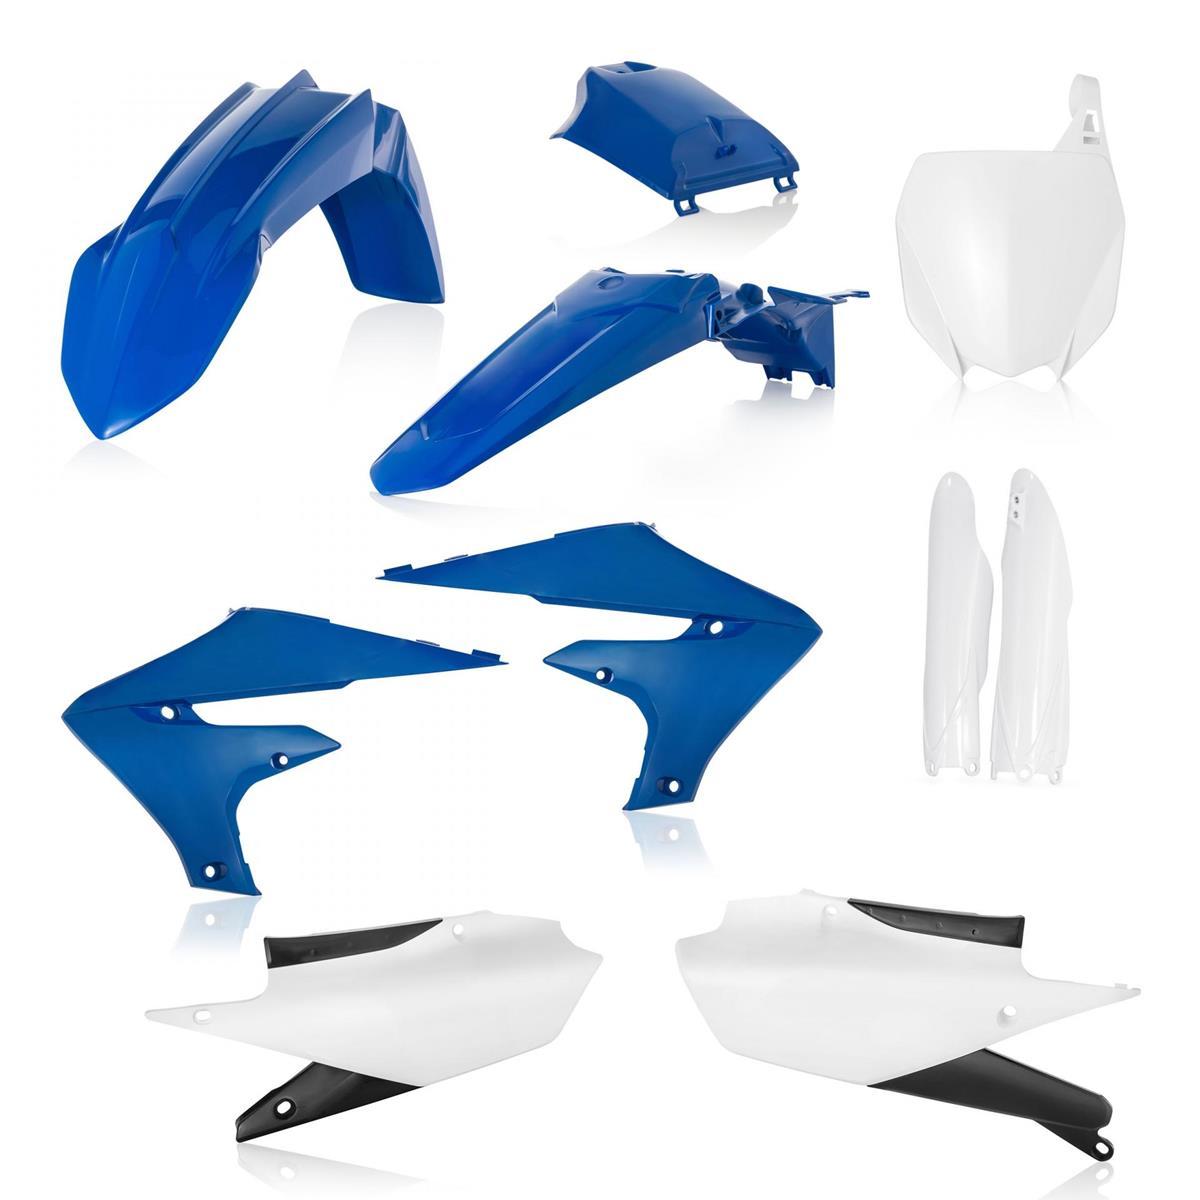 acerbis-plastik-kit-plastic-kit-full-kit-1RP